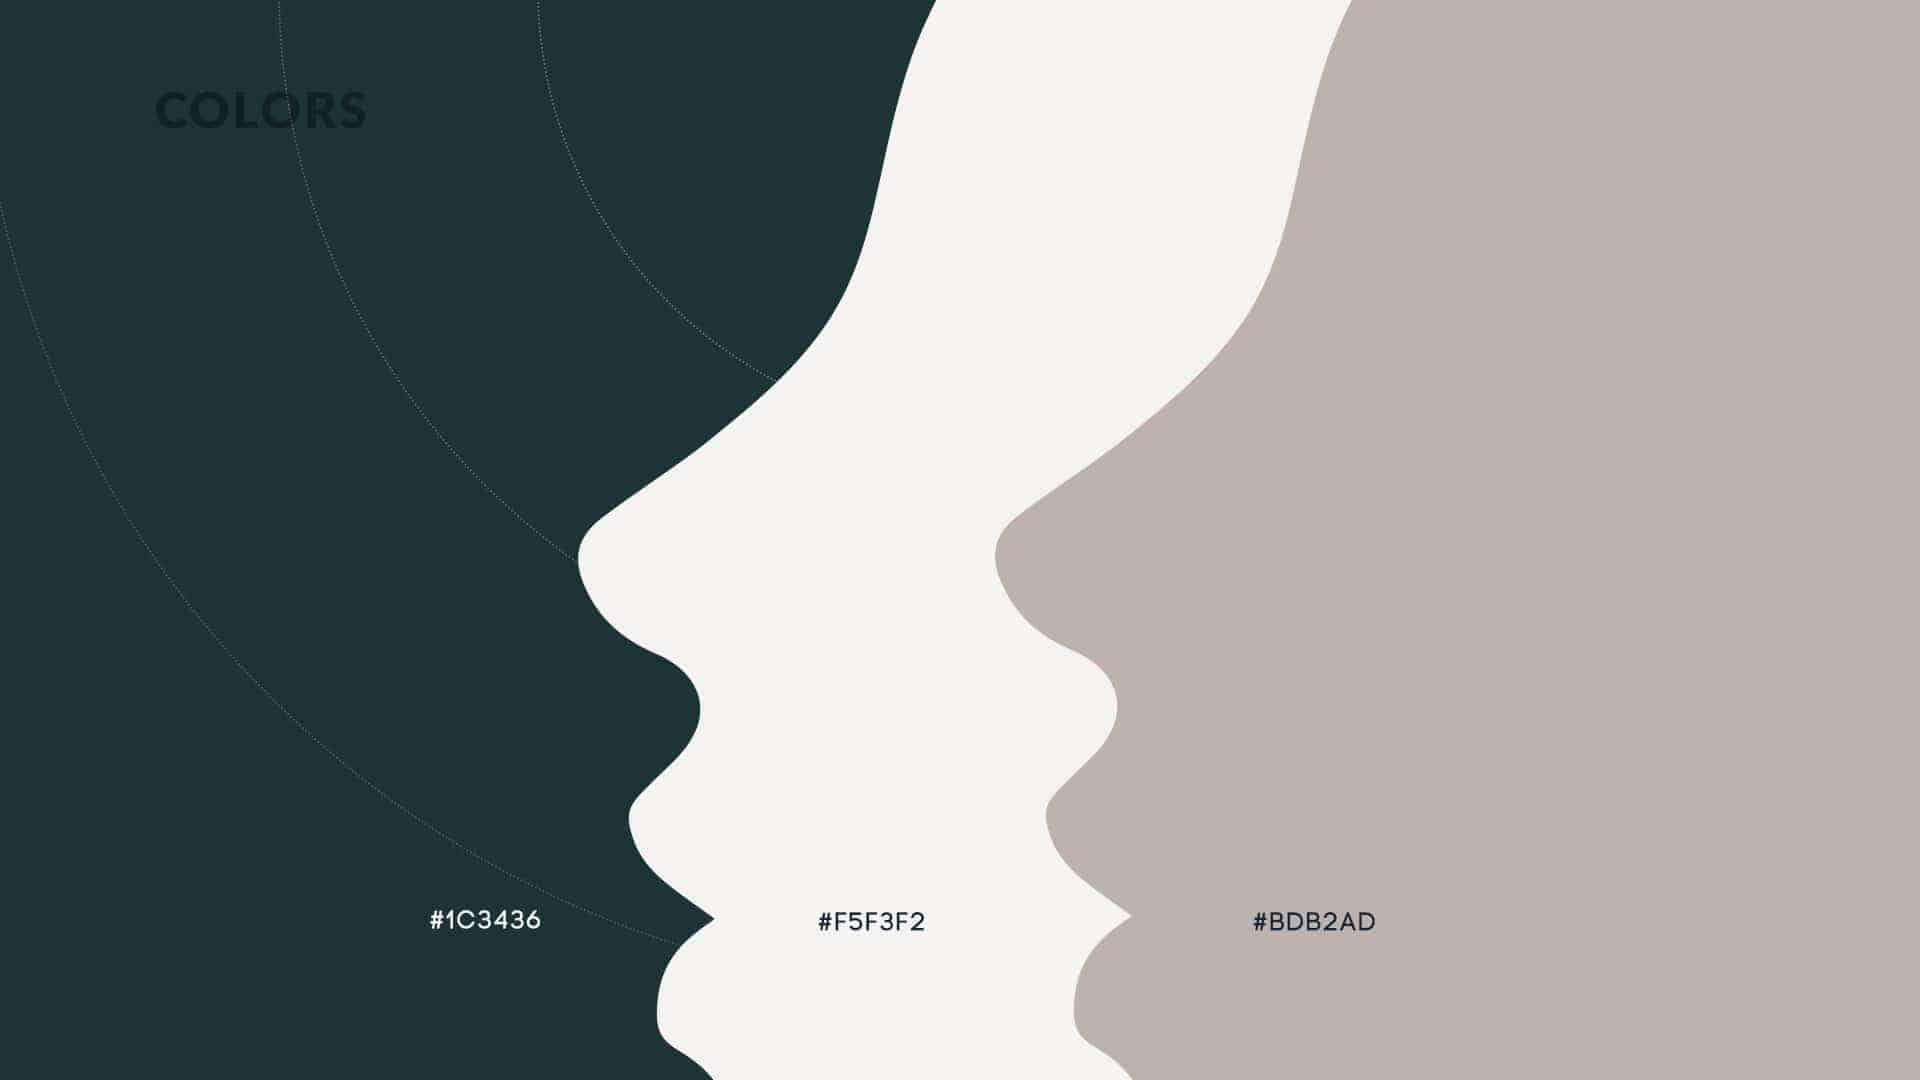 Изготовление логотипа компании – процесс, в котором цветовая гамма подбирается с особым вниманием